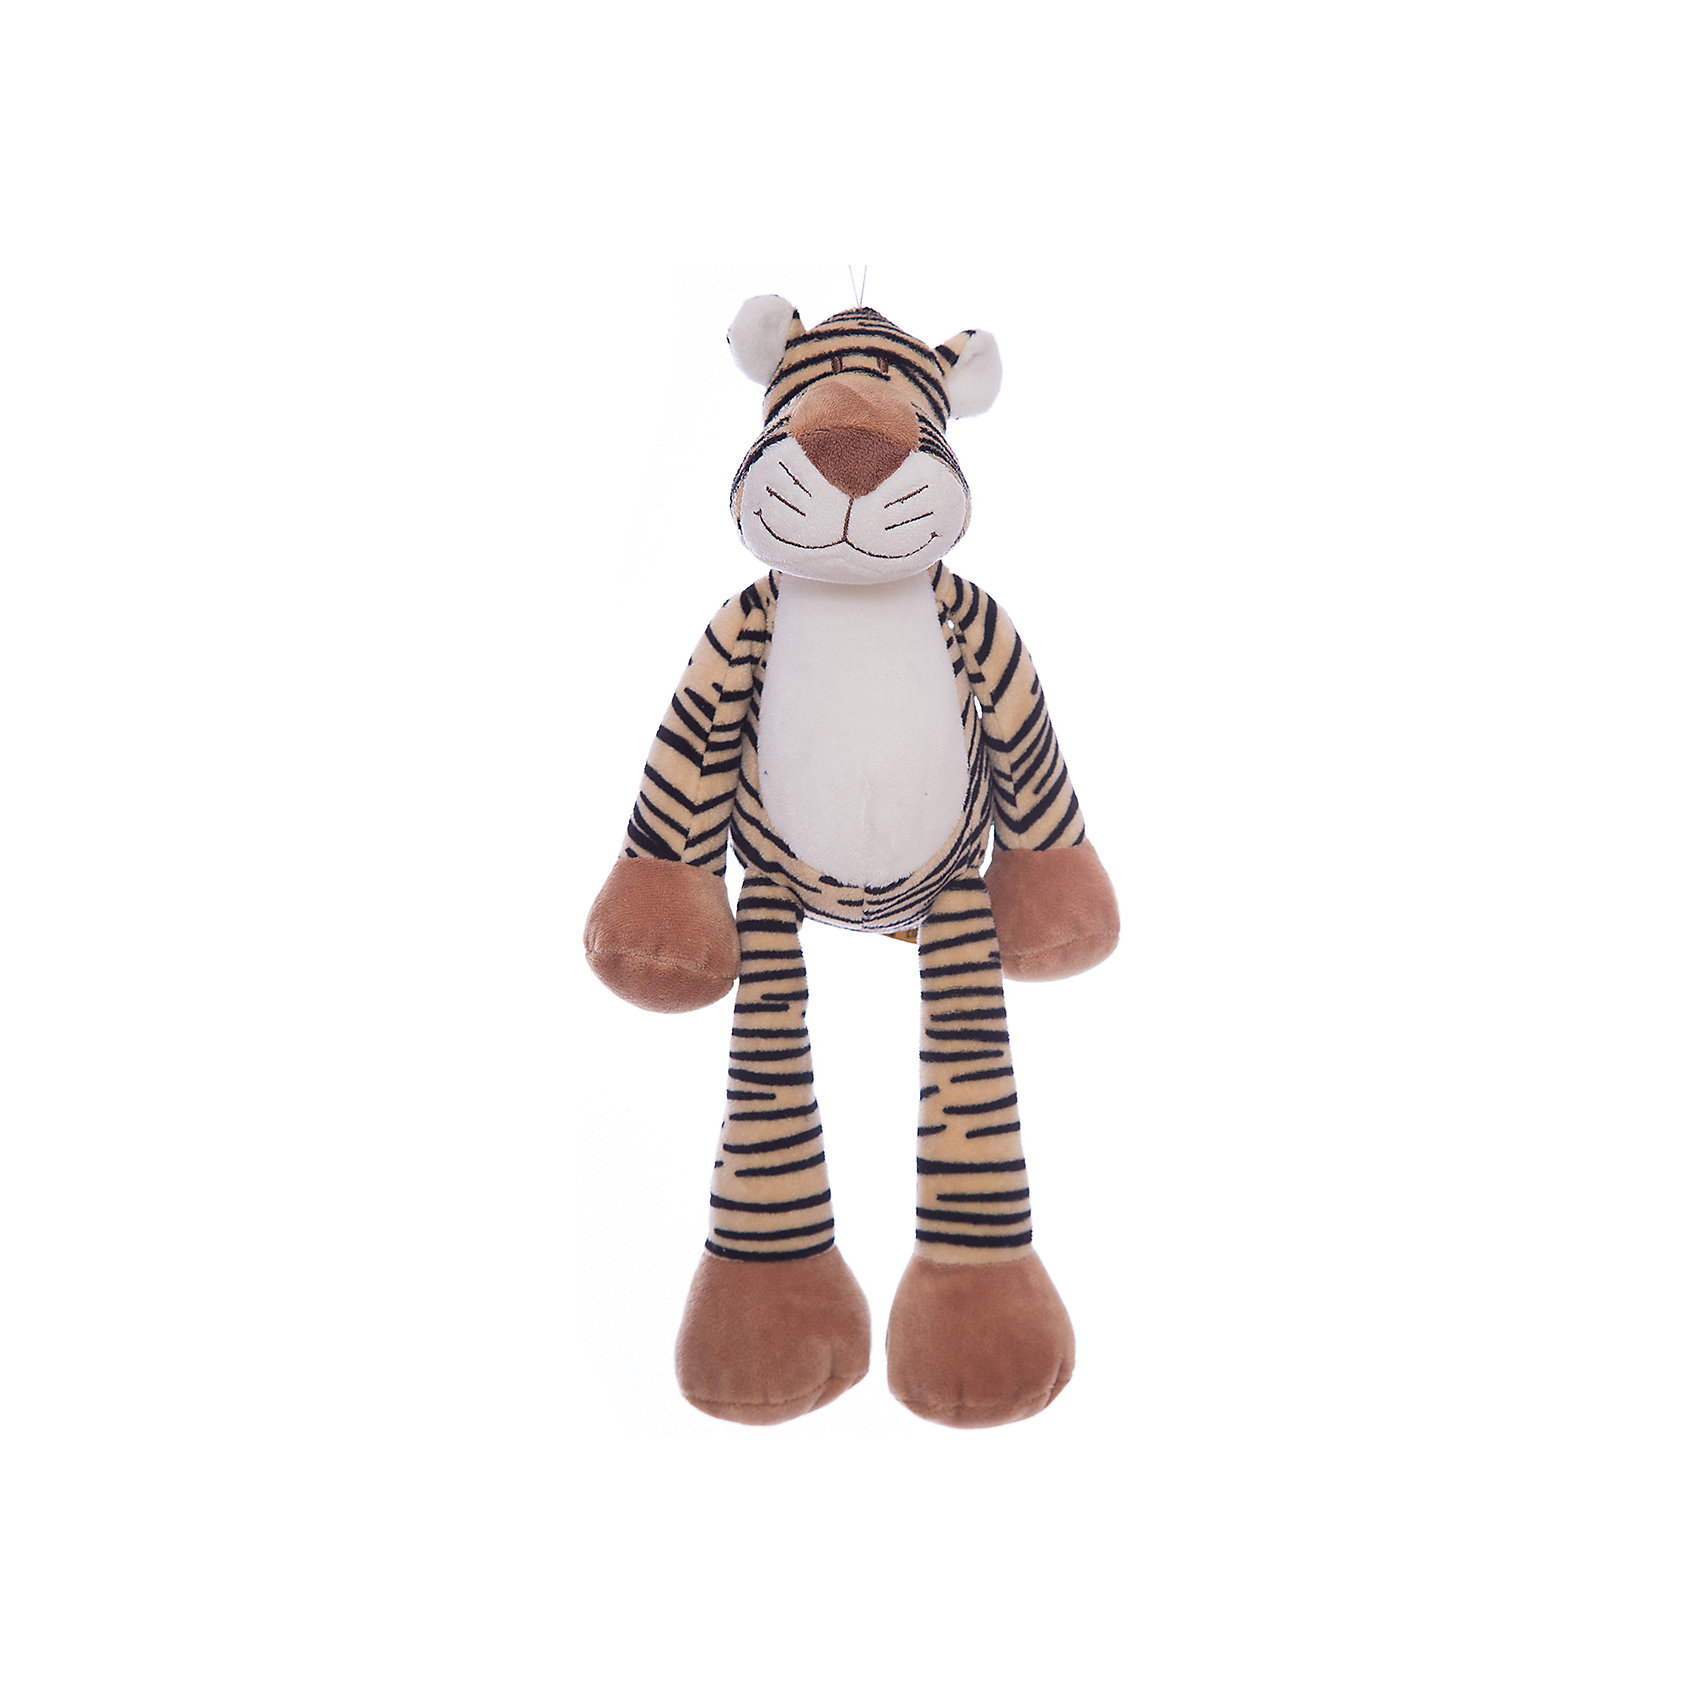 Мягкая игрушка Тигр, Динглисар, TeddykompanietЗвери и птицы<br>Характеристики мягкой игрушки Teddykompaniet:<br><br>• размер тигра: 32 см;<br>• имеется утяжелитель, тигр может находиться в сидячем положении;<br>• материал: плюш, синтетический наполнитель;<br>• безопасен для детей.<br><br>Мягкая игрушка Teddykompaniet из серии «Динглисар» представляет собой плюшевого тигра, с которым дети могут играть, спать, ходить на прогулку. Тигр сидит даже на узком бортике, его пушистая шерстка очень приятная на ощупь. <br><br>Мягкую игрушку Тигр, Динглисар, Teddykompaniet<br><br>Ширина мм: 160<br>Глубина мм: 100<br>Высота мм: 300<br>Вес г: 200<br>Возраст от месяцев: 36<br>Возраст до месяцев: 1188<br>Пол: Унисекс<br>Возраст: Детский<br>SKU: 2250219